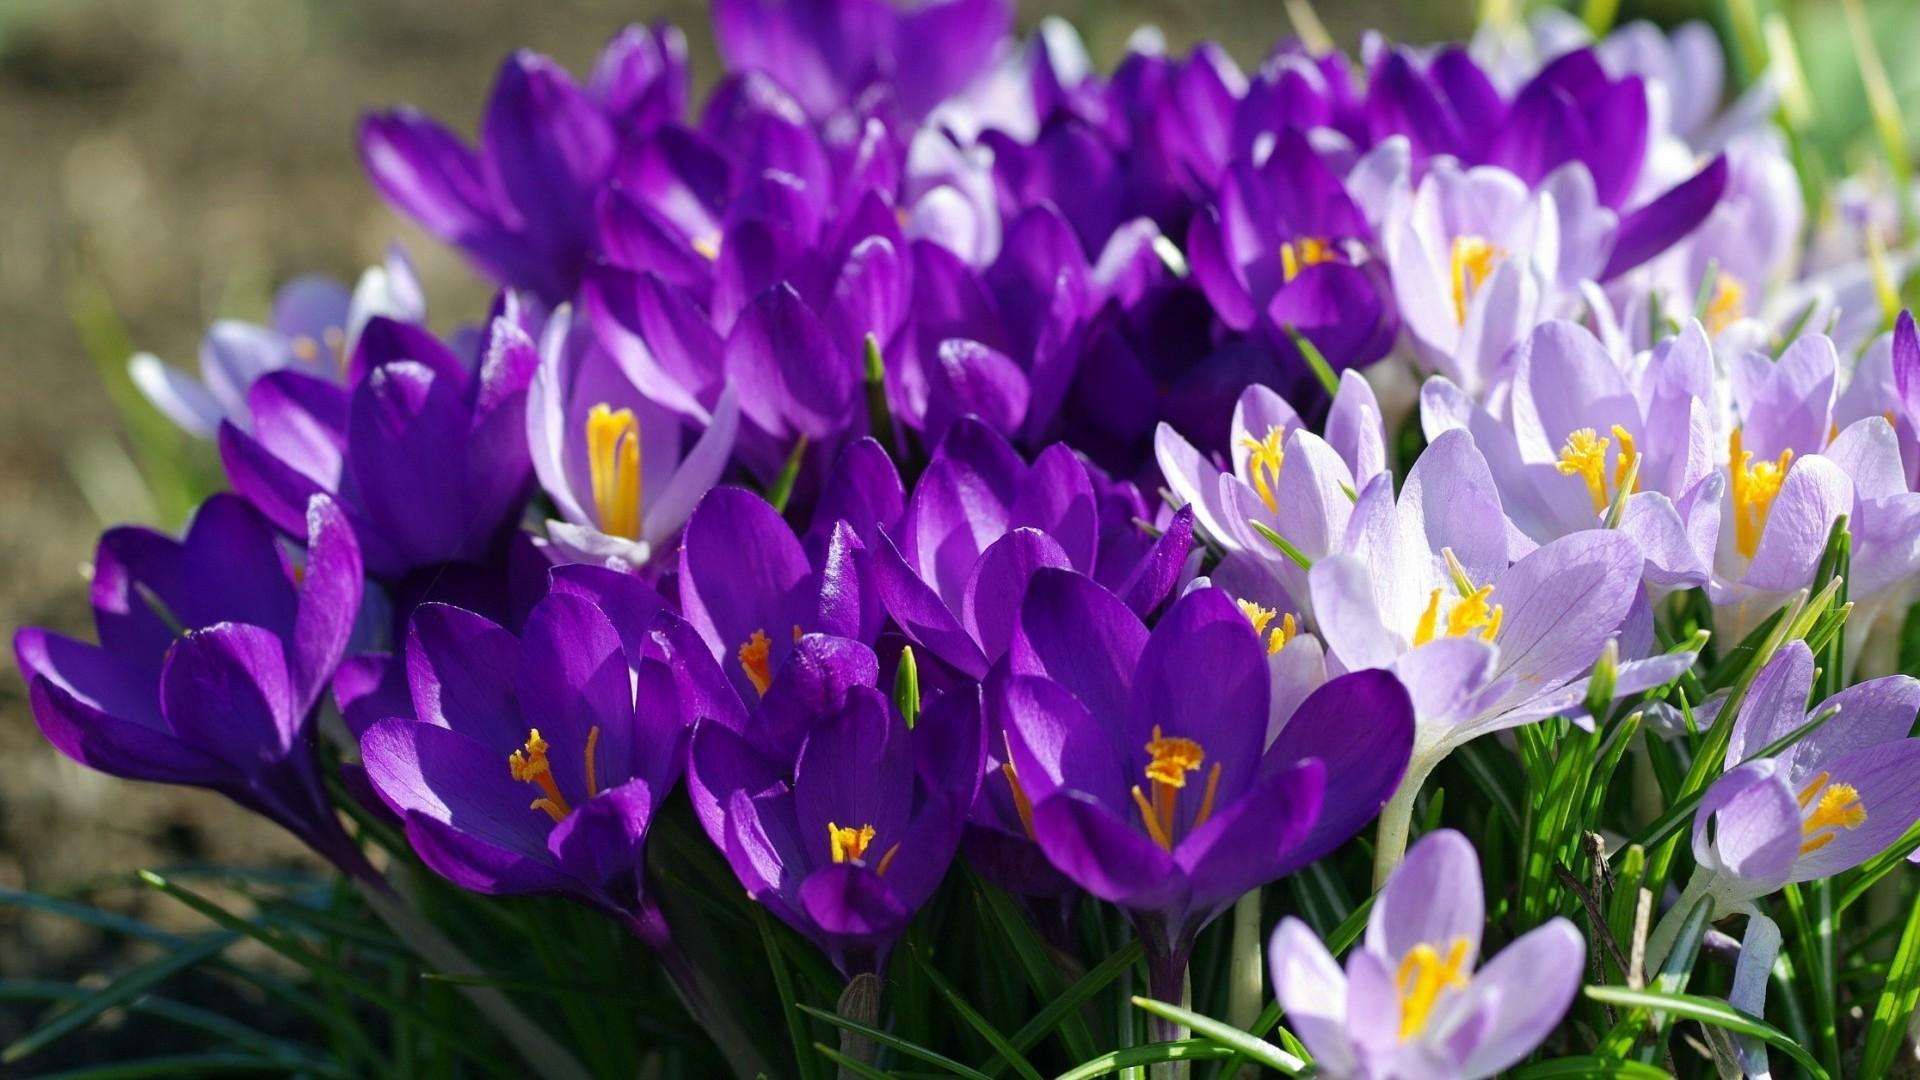 Flowers crocus purple spring pink green flori phone wallpapers 1920×1080.